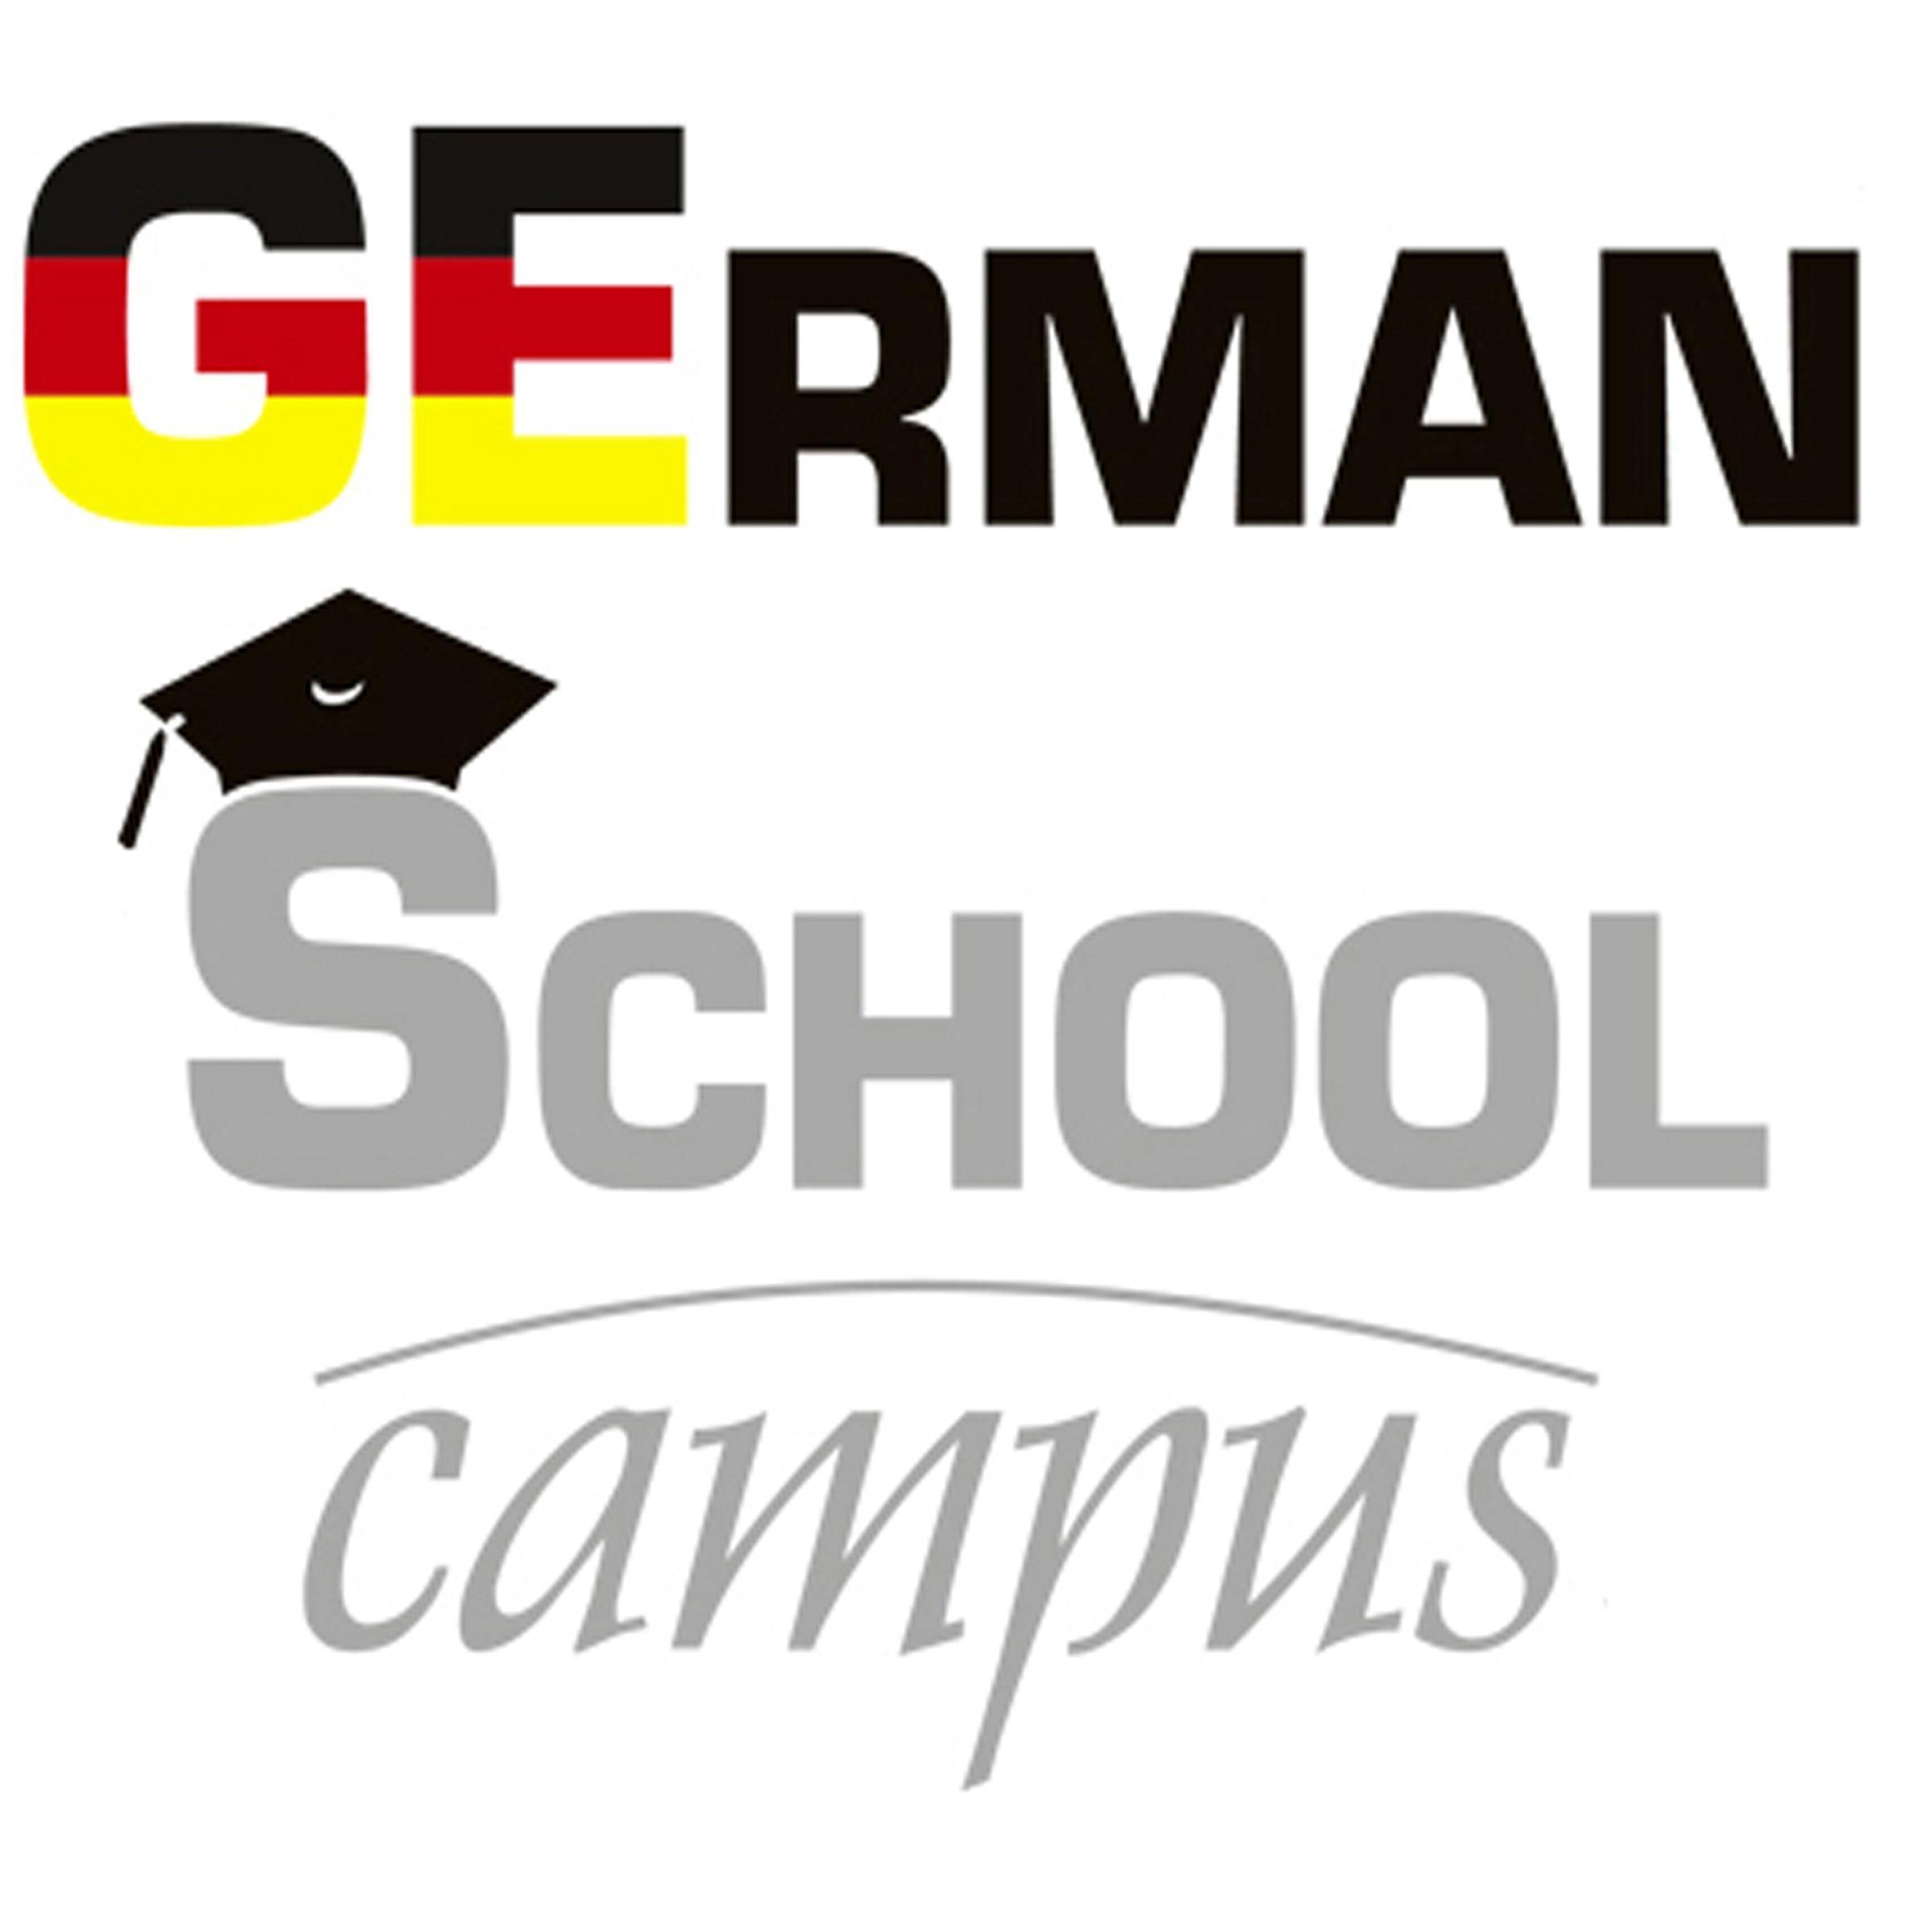 GERMAN SCHOOL campus